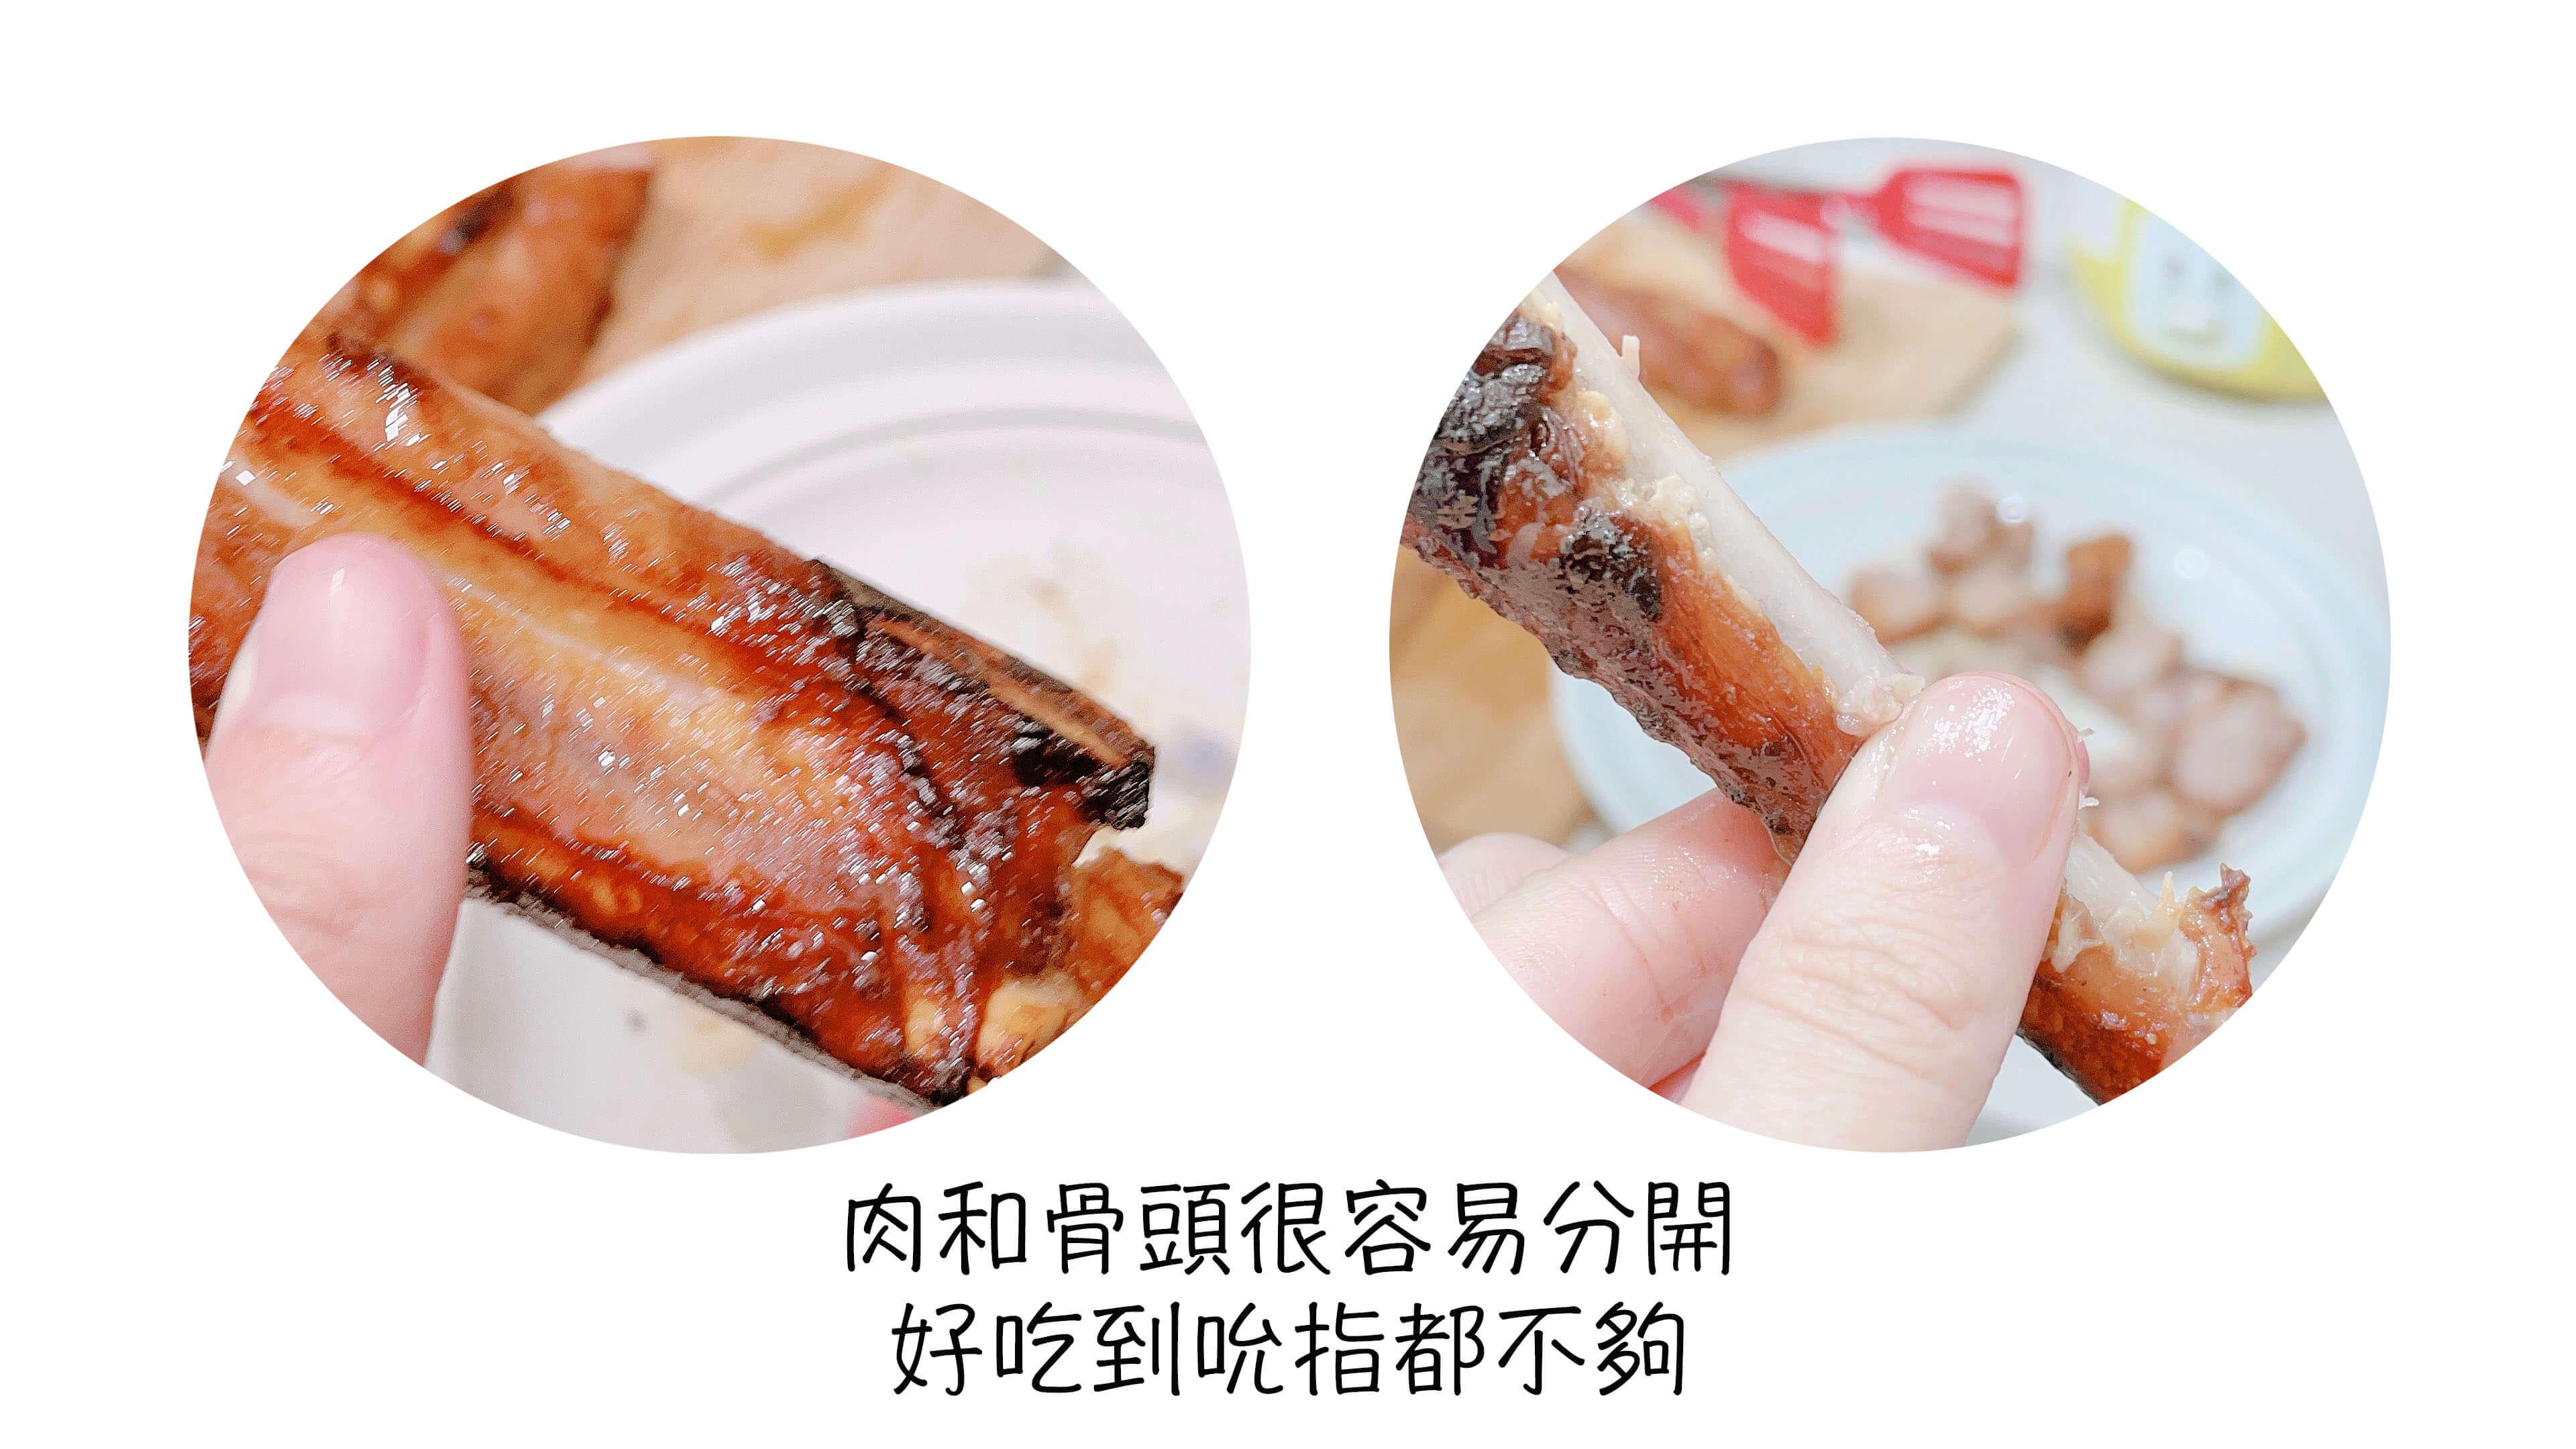 連骨頭都要啃乾淨的 陽光豬法式醃豬肋排